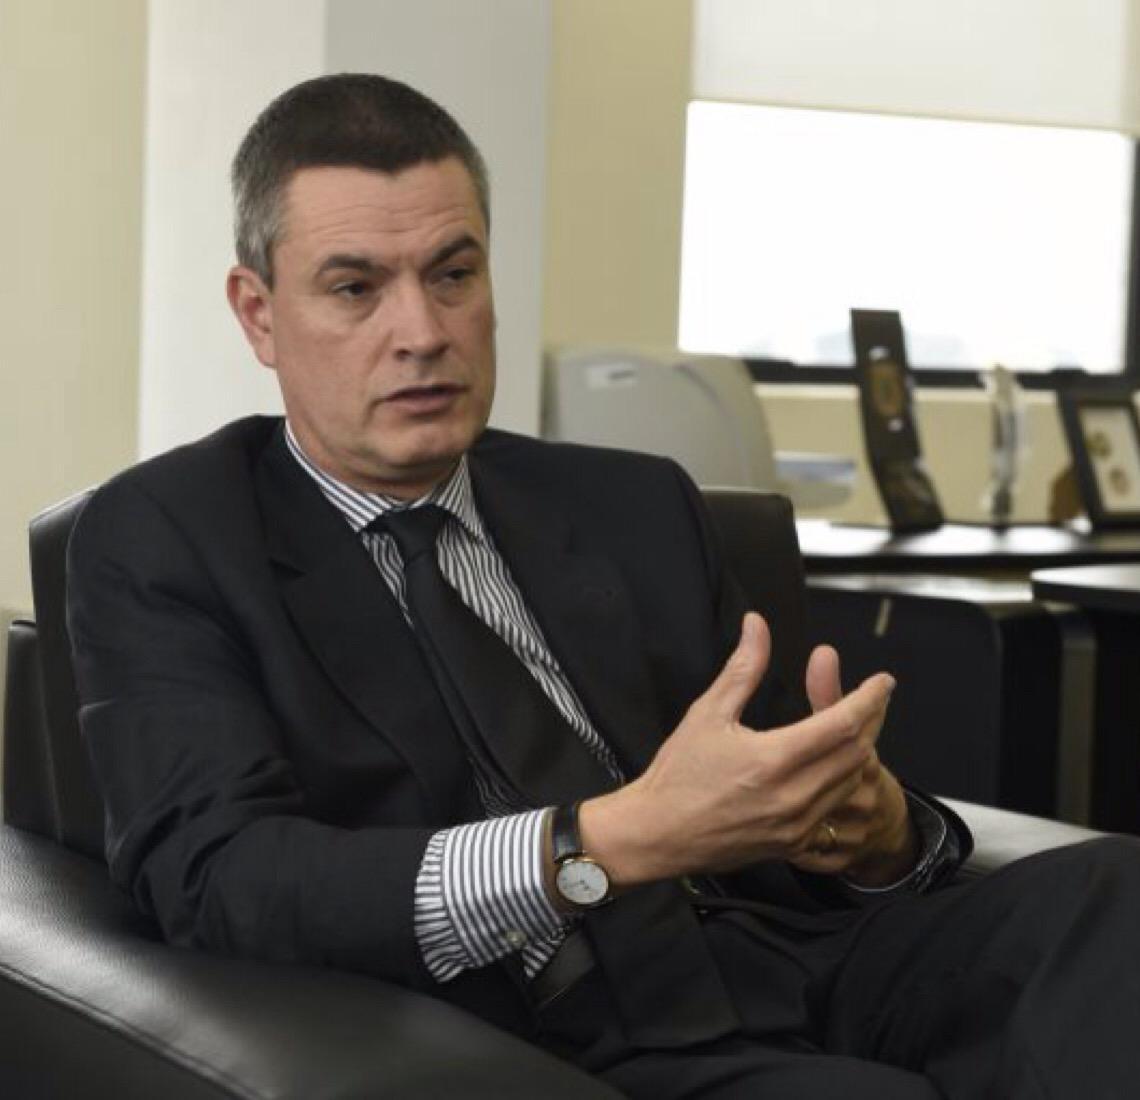 Peritos da Policia Federal apoiam Maurício Valeixo fritado por Jair Bolsonaro